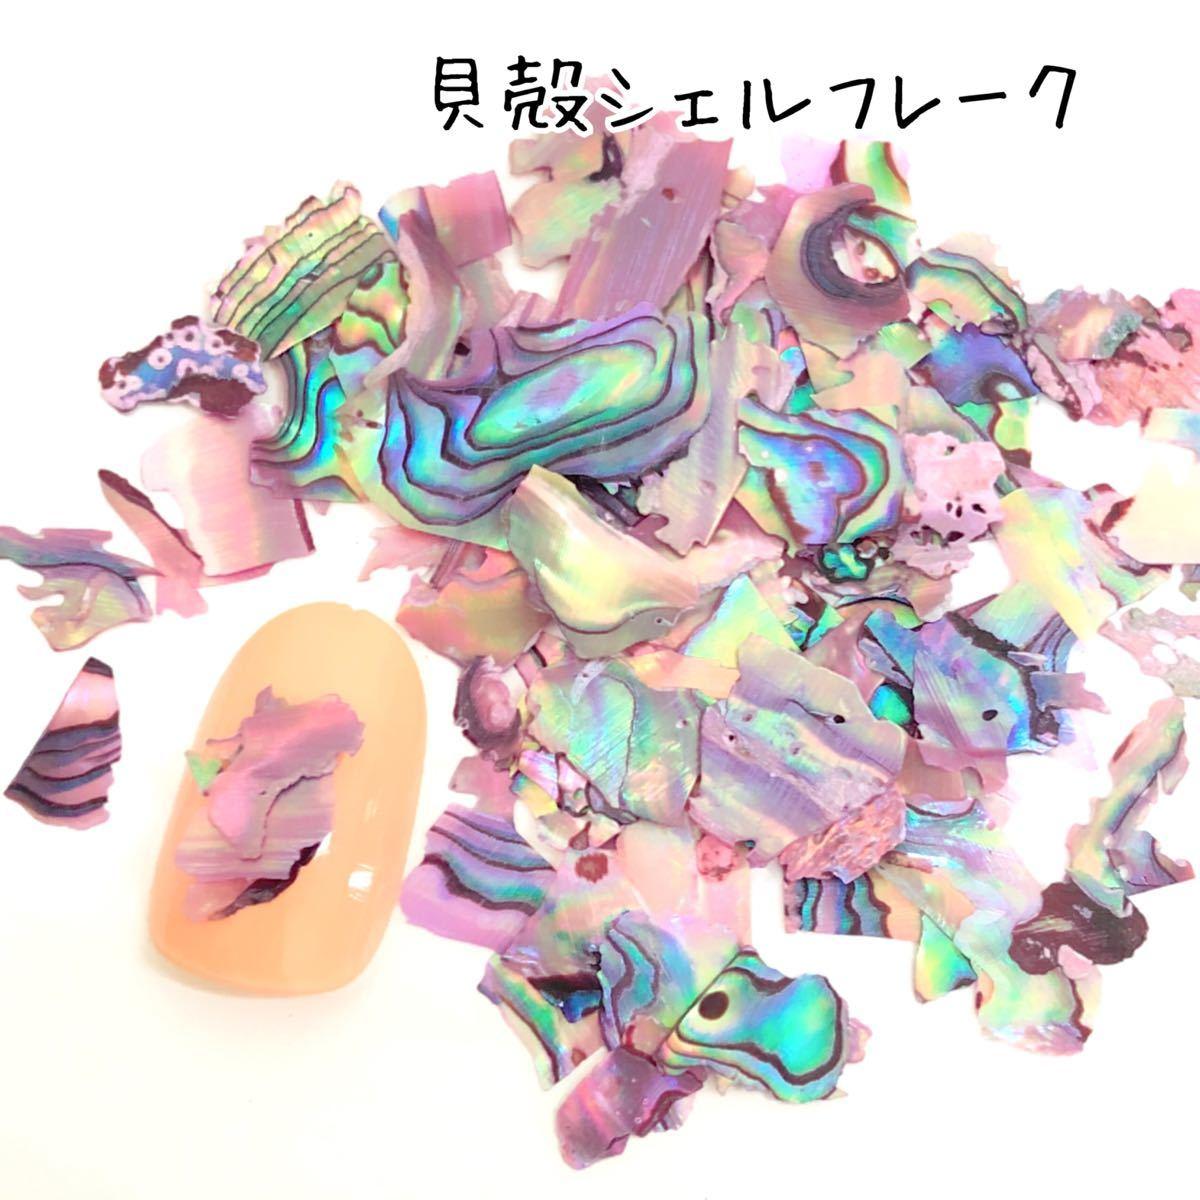 ネイルアート   シェルフレーク ピンク 貝殻クラッシュ ジェルネイル レジン